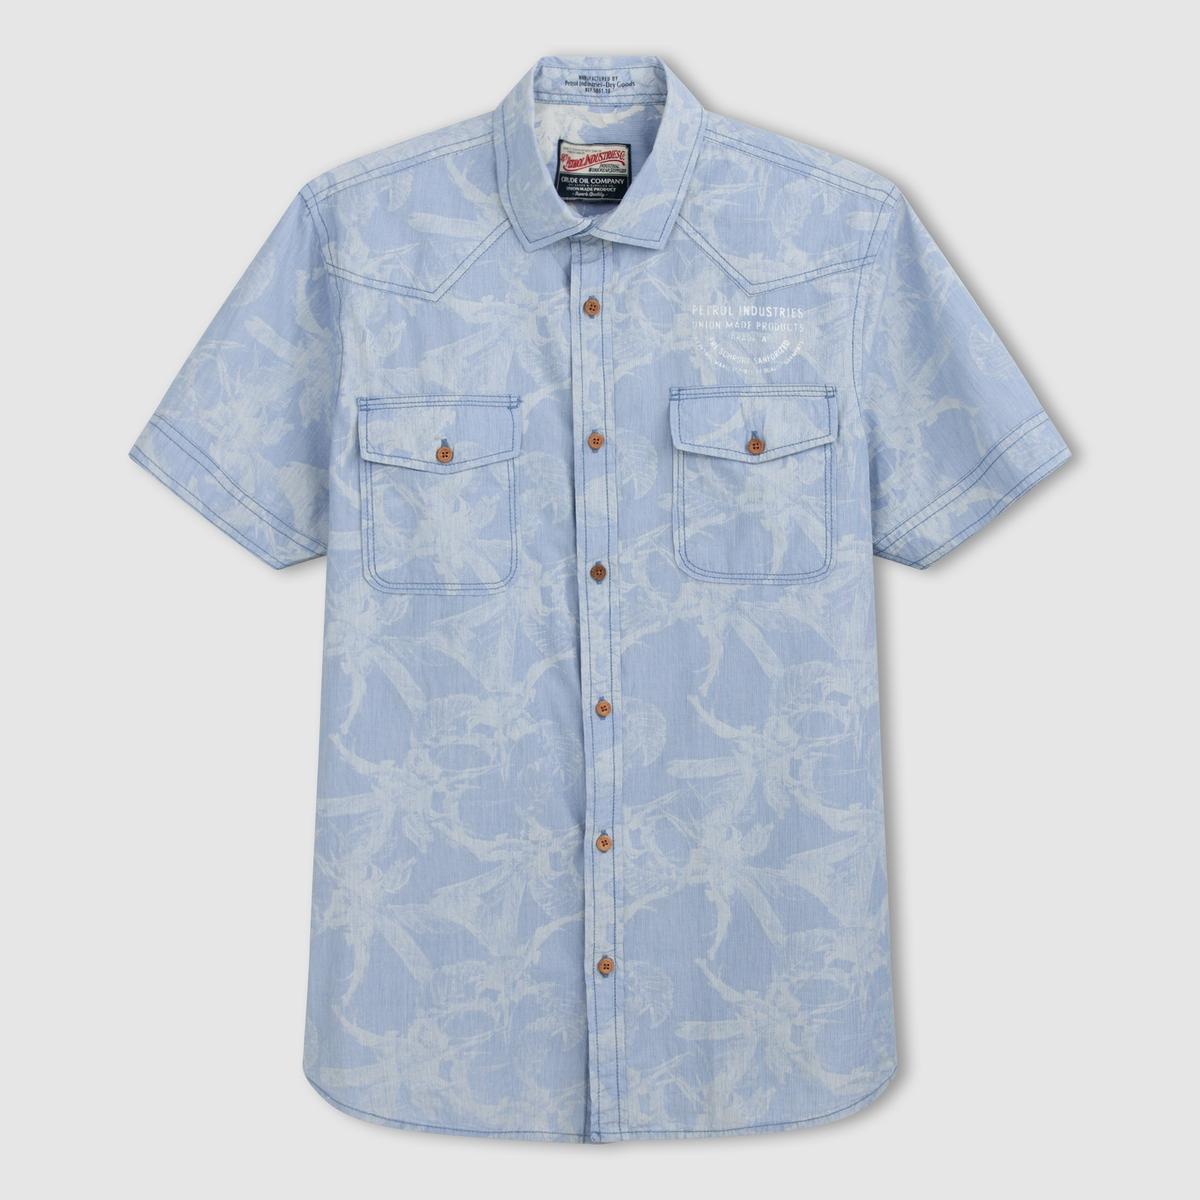 Рубашка с рисунком с короткими рукавамиСостав и описание :Материал : 100% хлопкаМарка : PETROL INDUSTRIES.<br><br>Цвет: кобальтовый синий